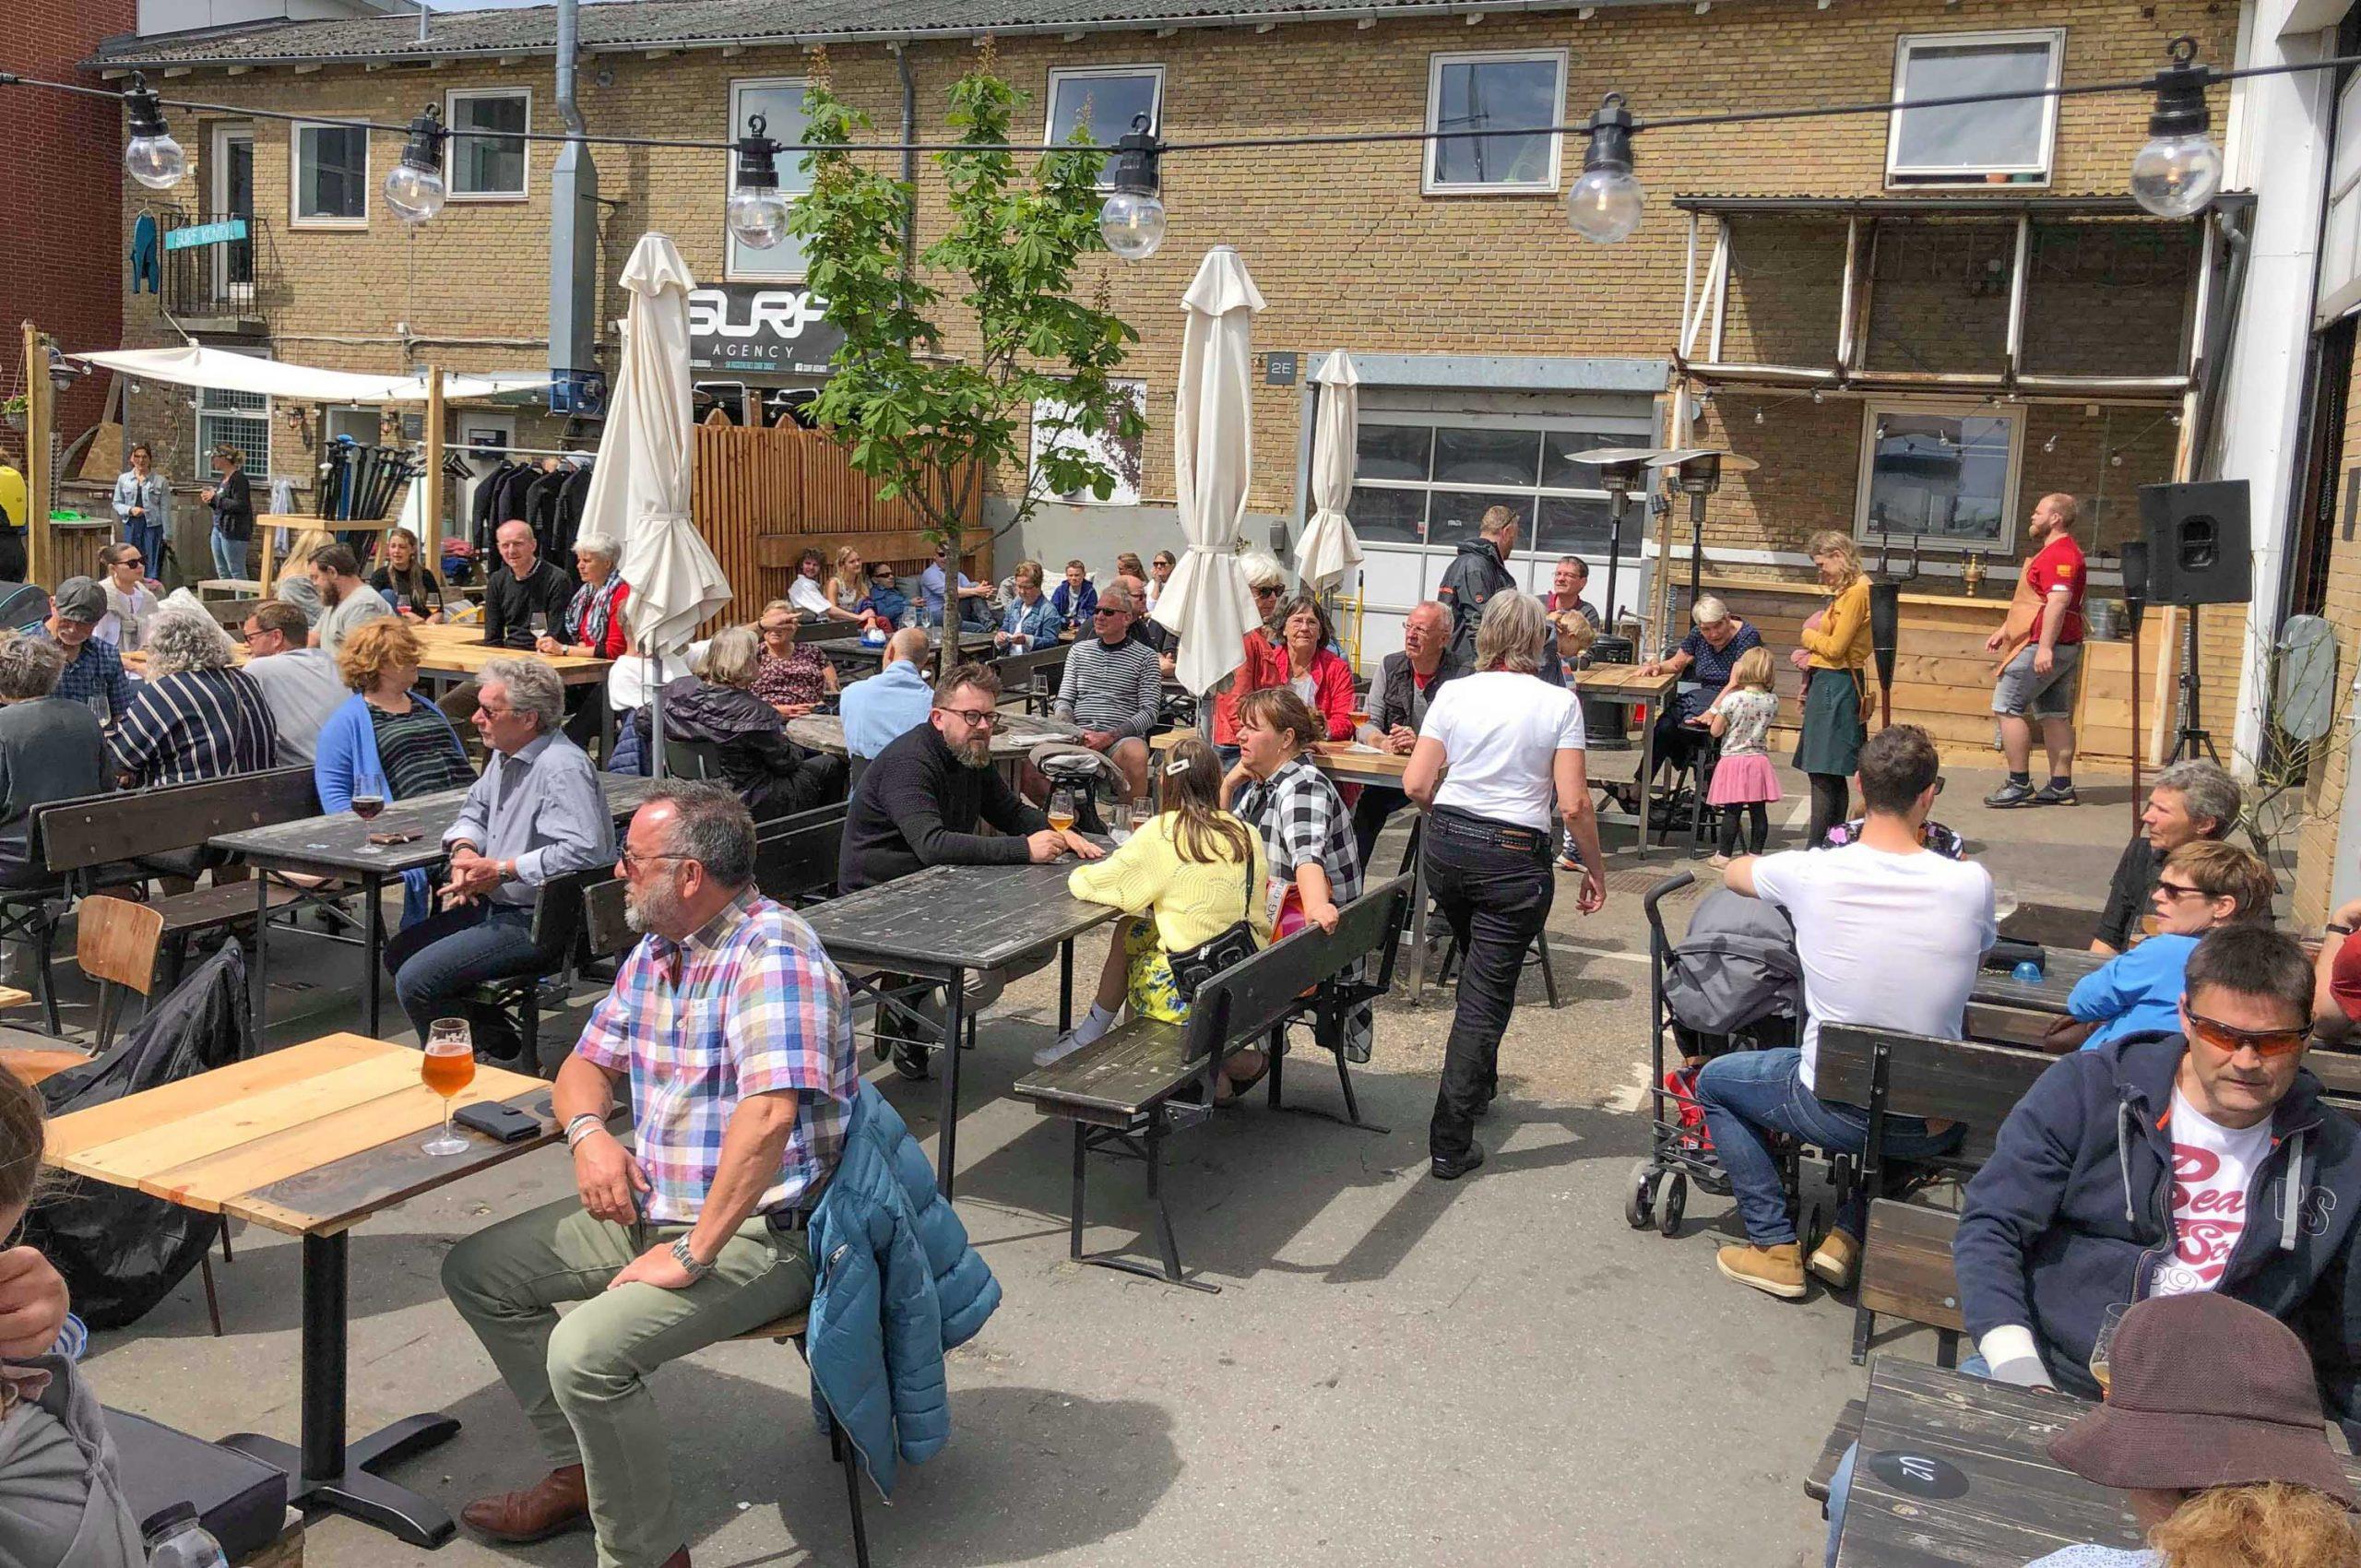 Fylder 3 år: Hantwerk holder et brag af en fødselsdagsfest med gratis øl, kage og masser af musik